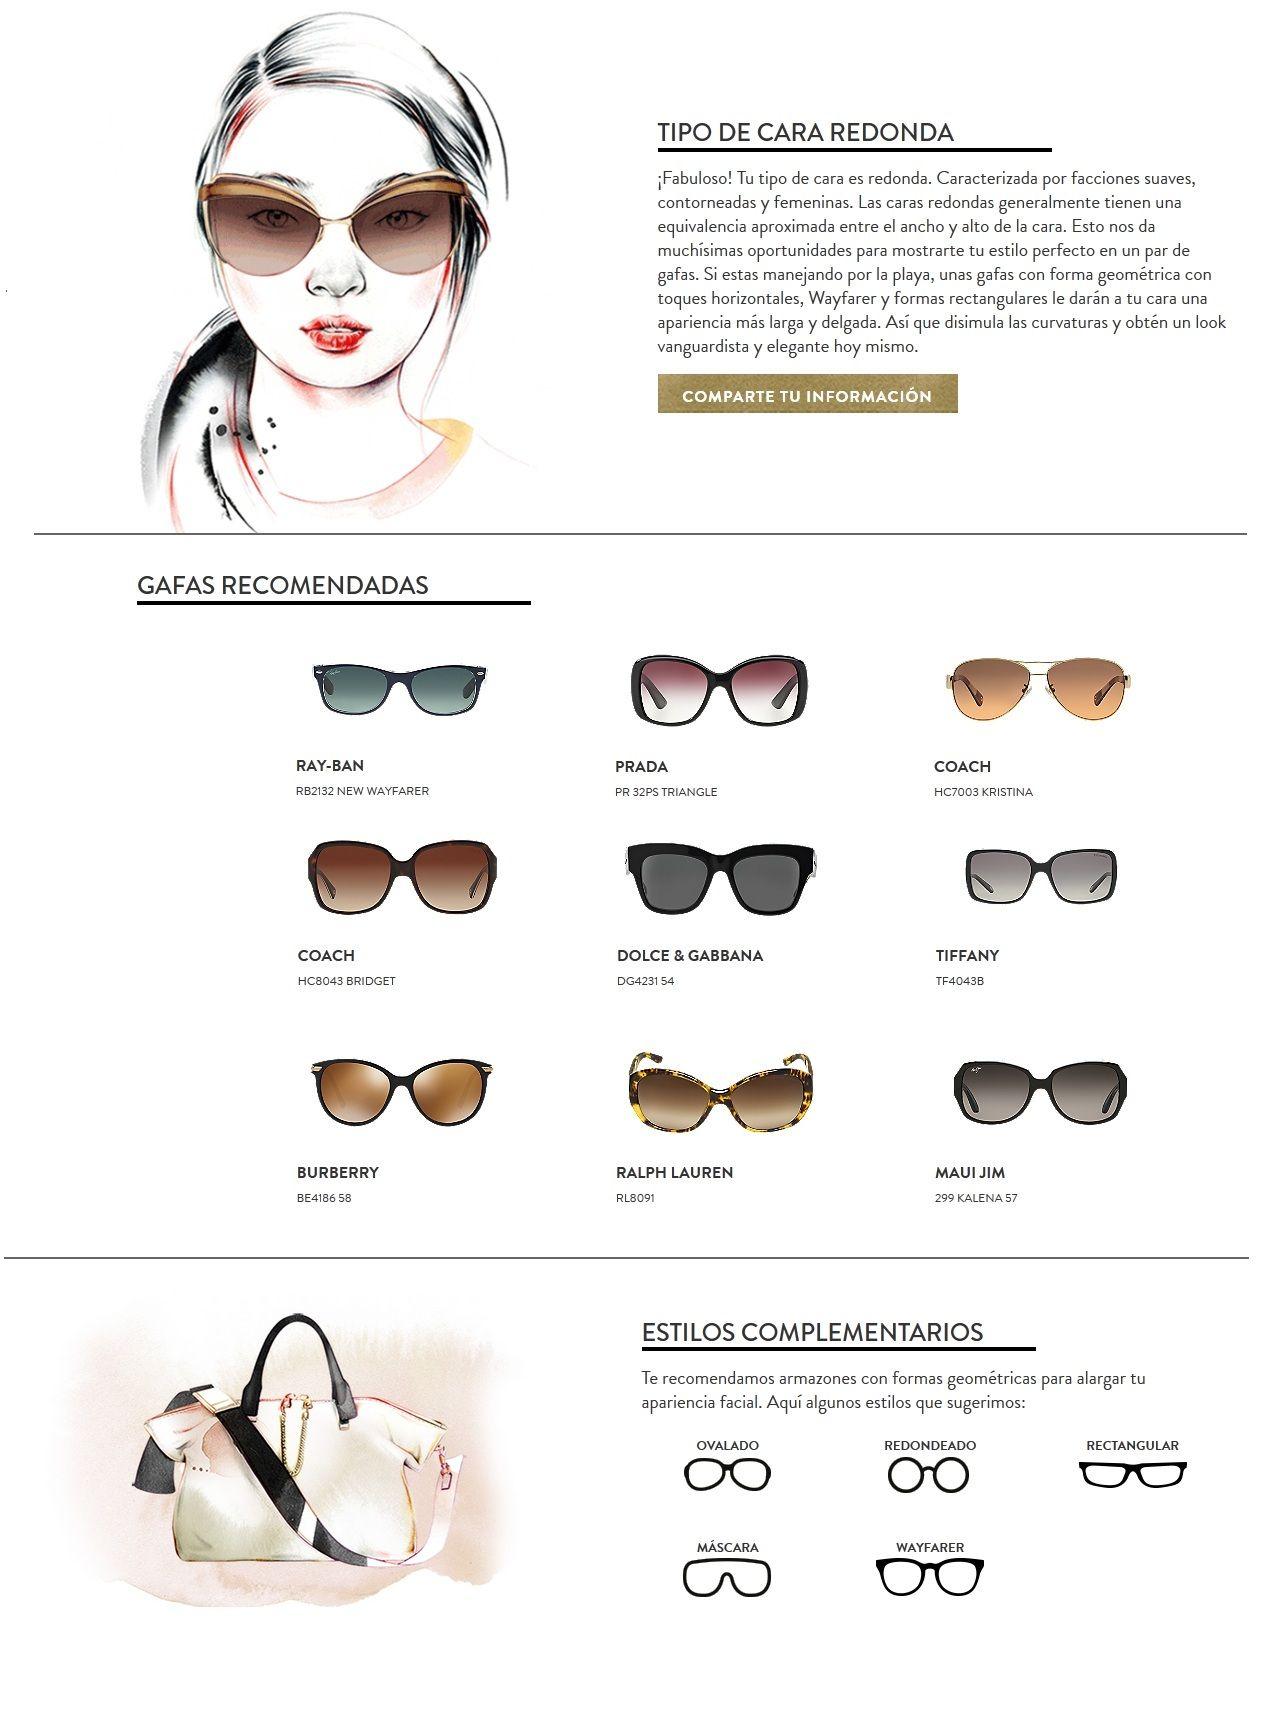 b87296207d Lentes segun cara redonda, sunglasses Anteojos Para Cara Redonda, Maquillar Cara  Redonda, Tipos